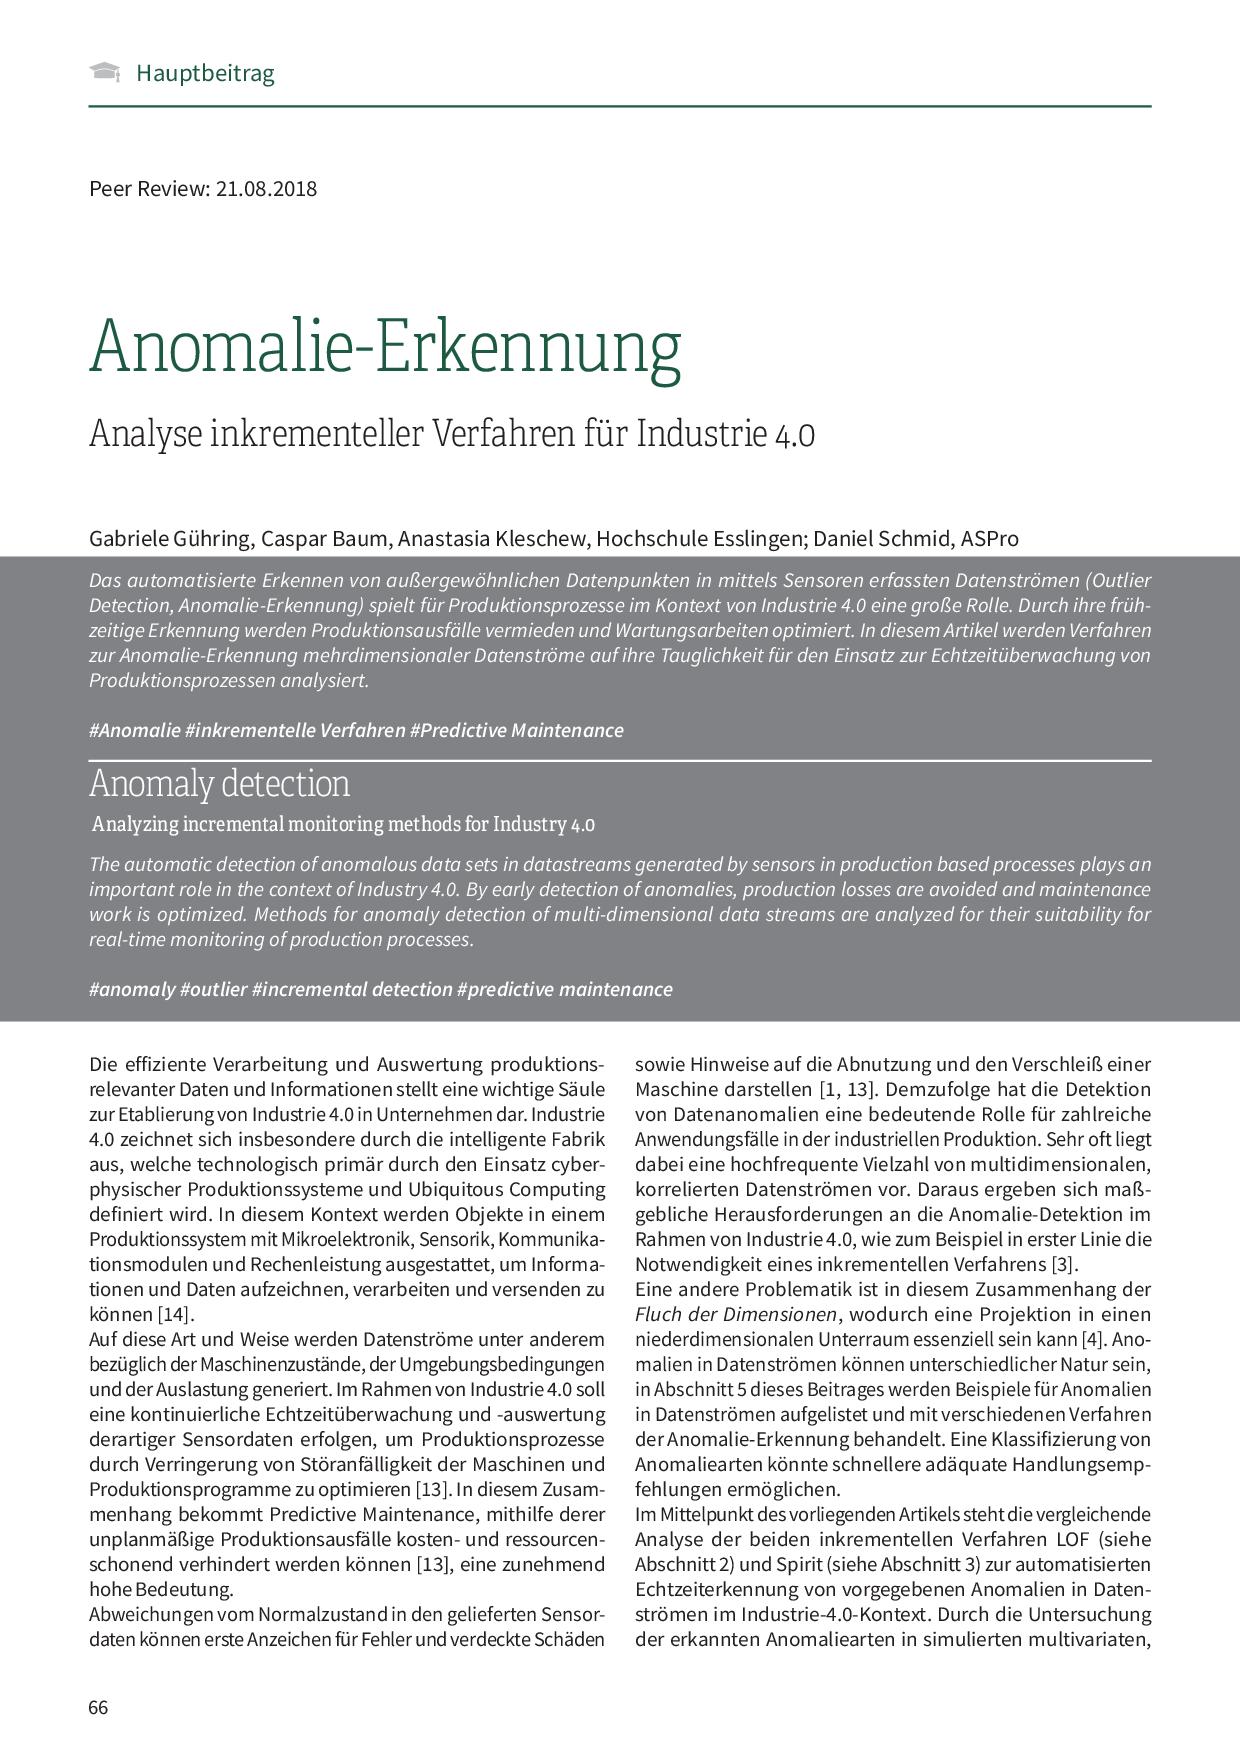 Anomalie-Erkennung